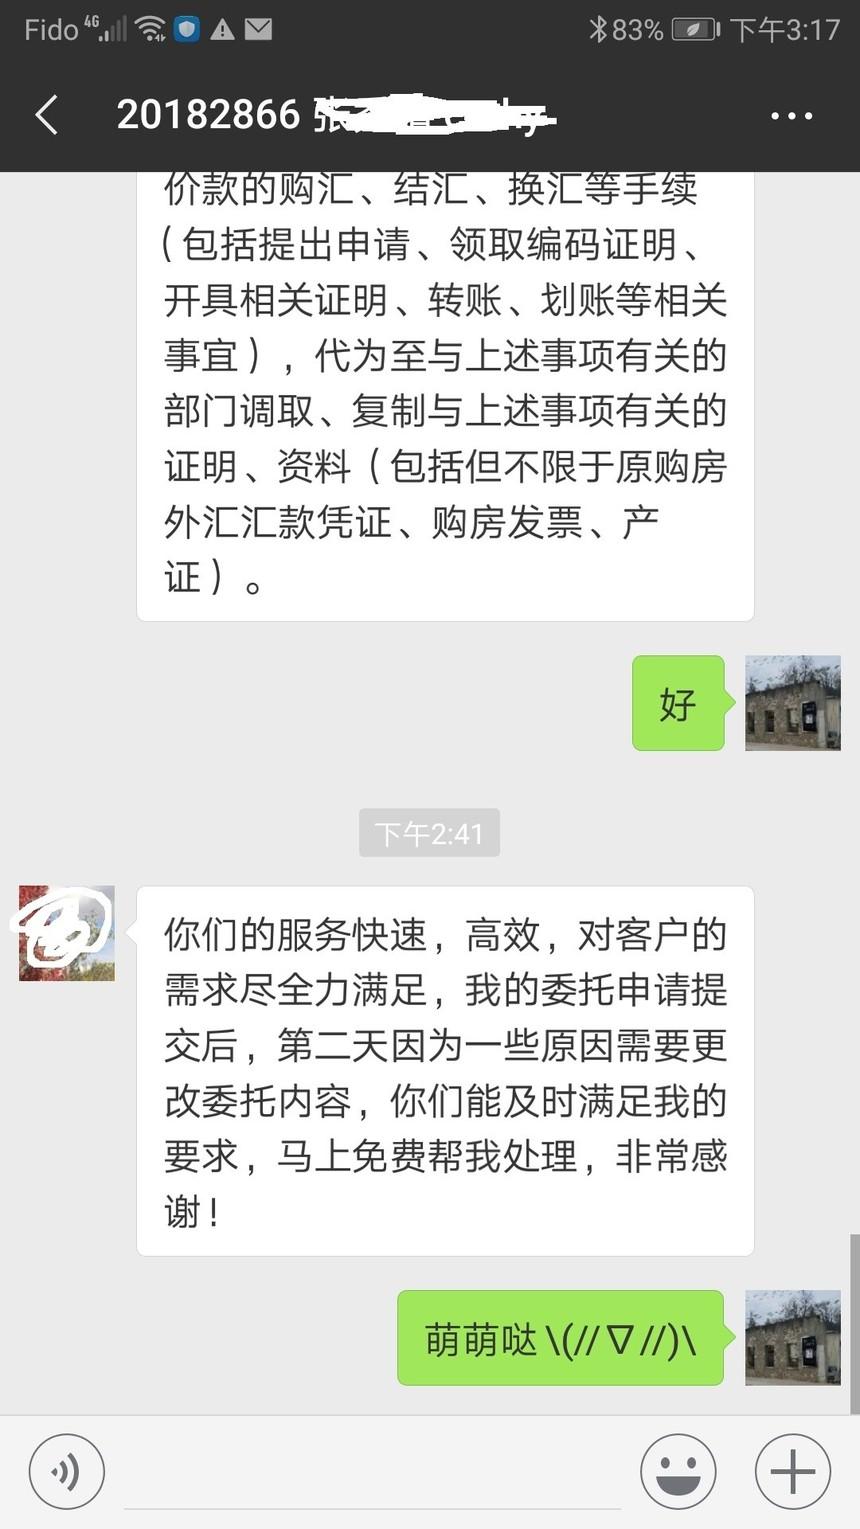 Screenshot_20181027-151742.jpg